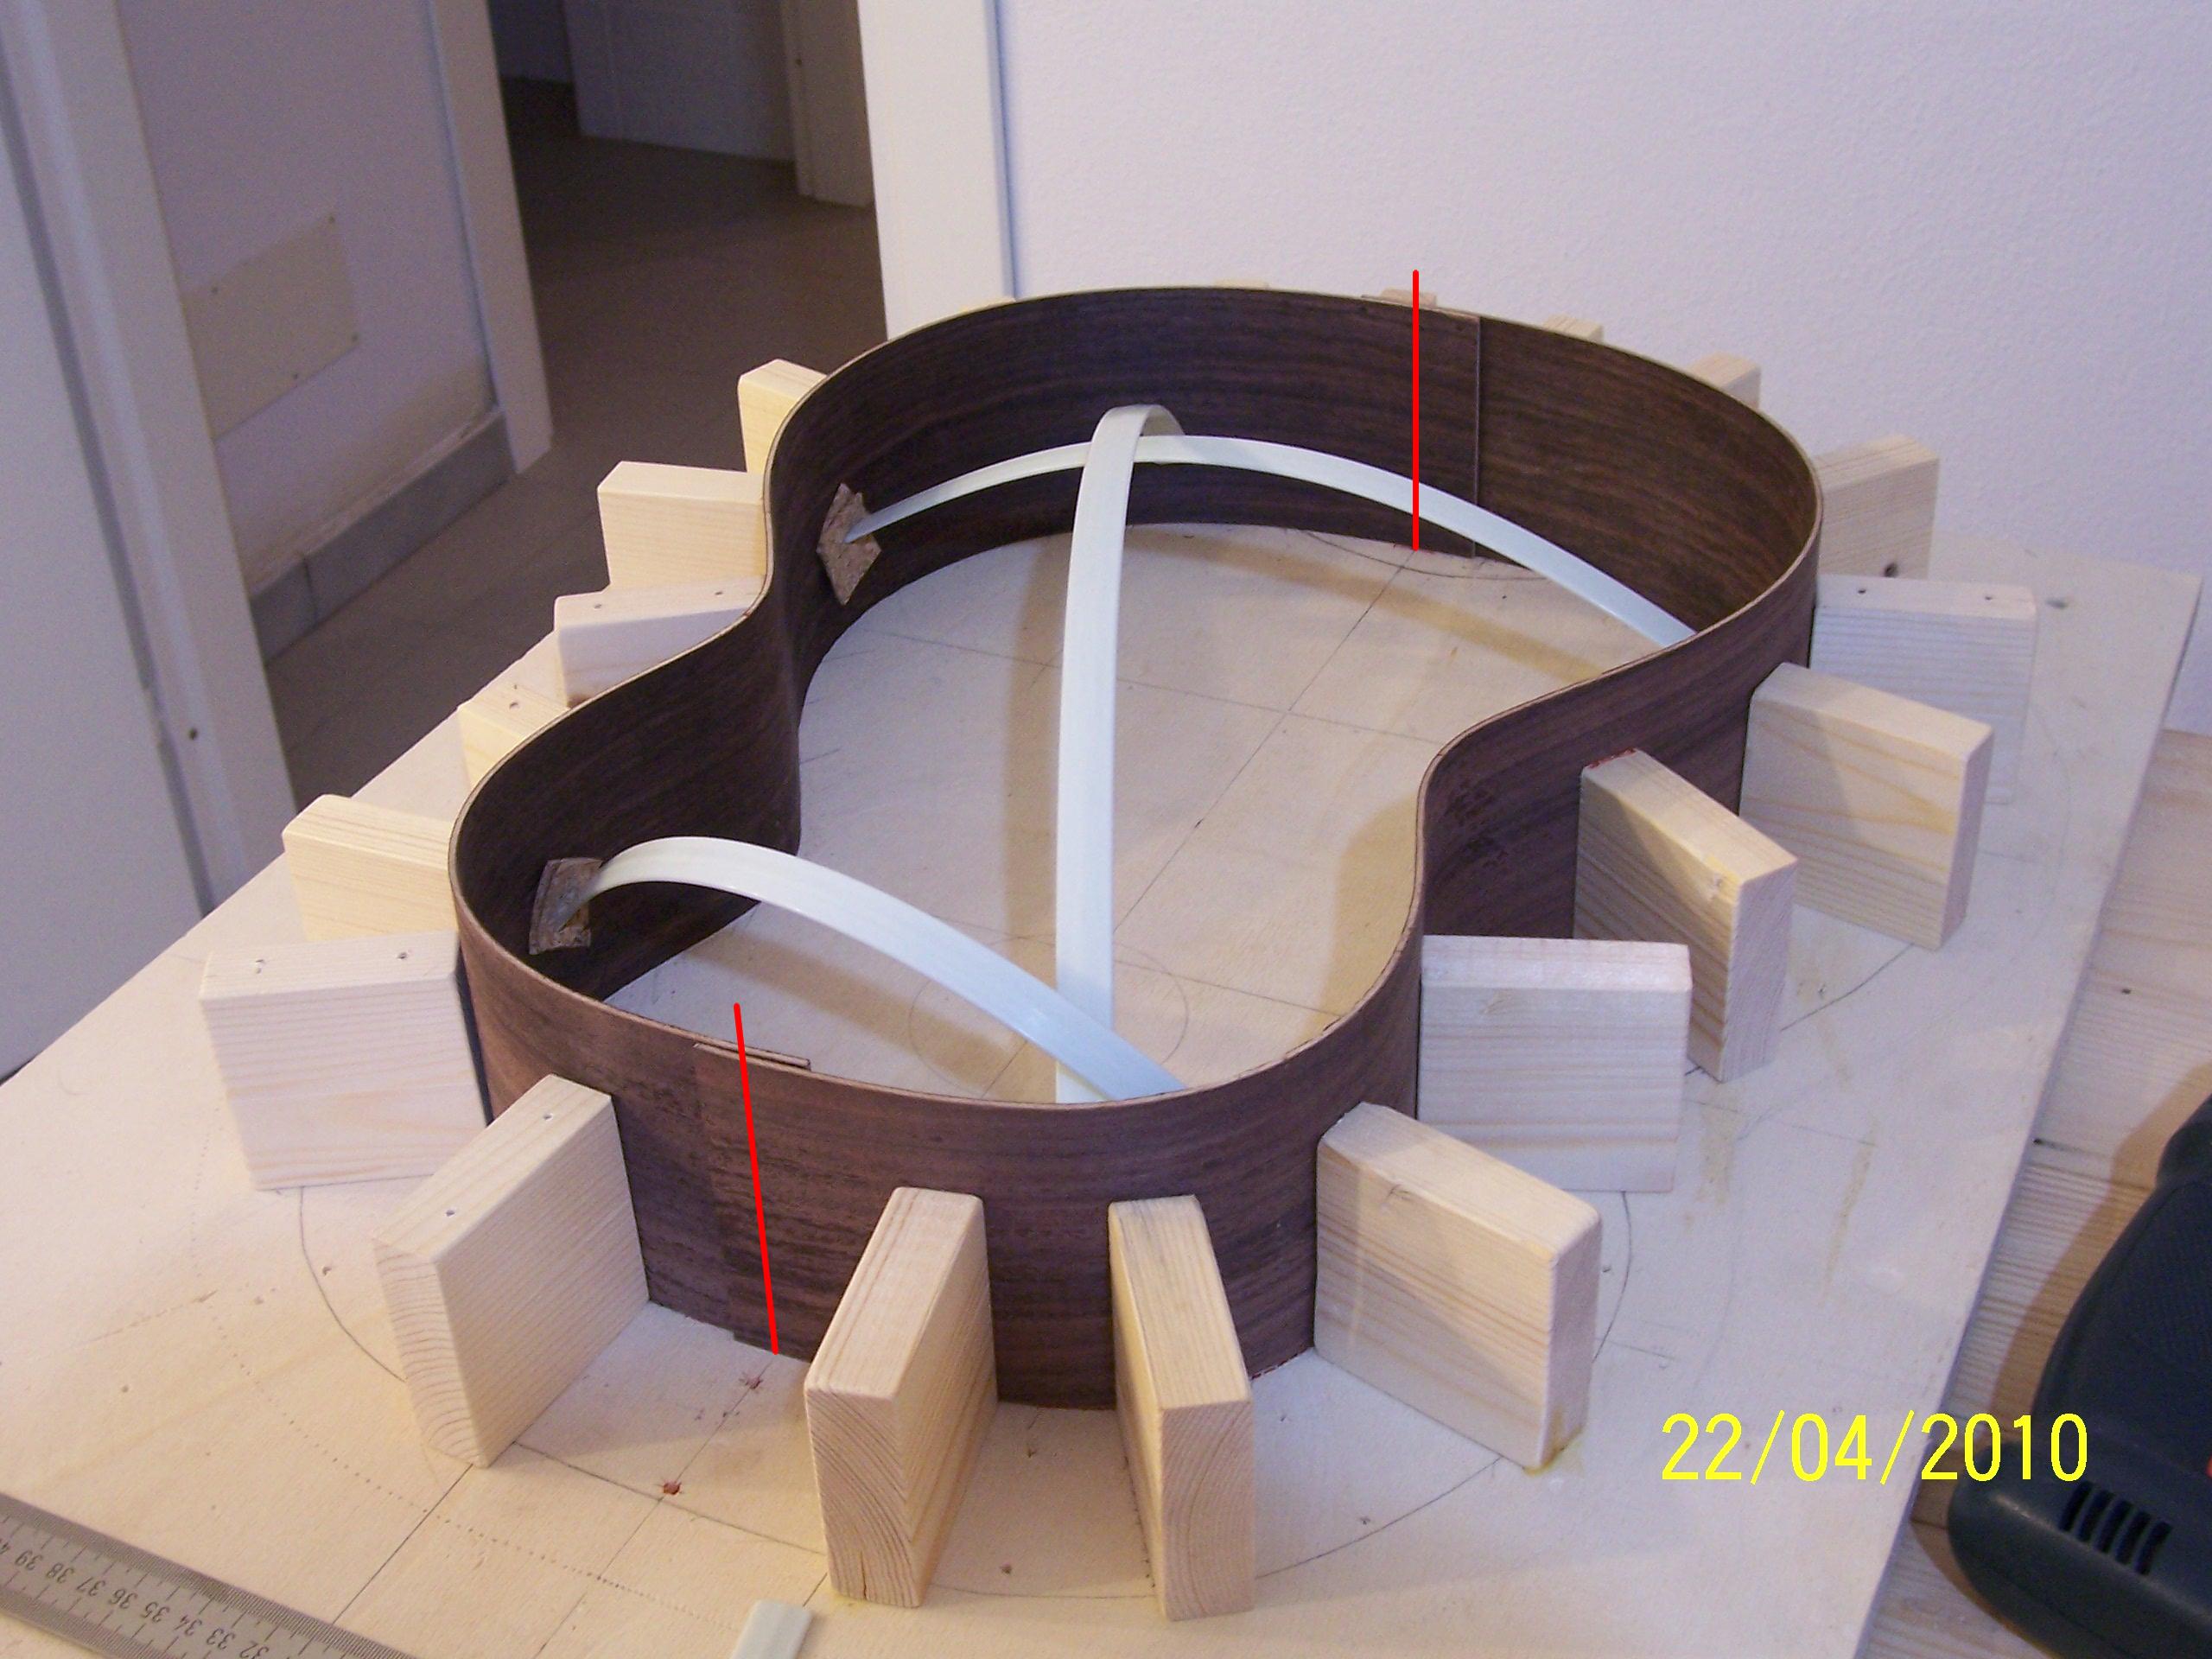 Preparazione fasce del kit liutaio fai da te for Dima per spine legno fai da te